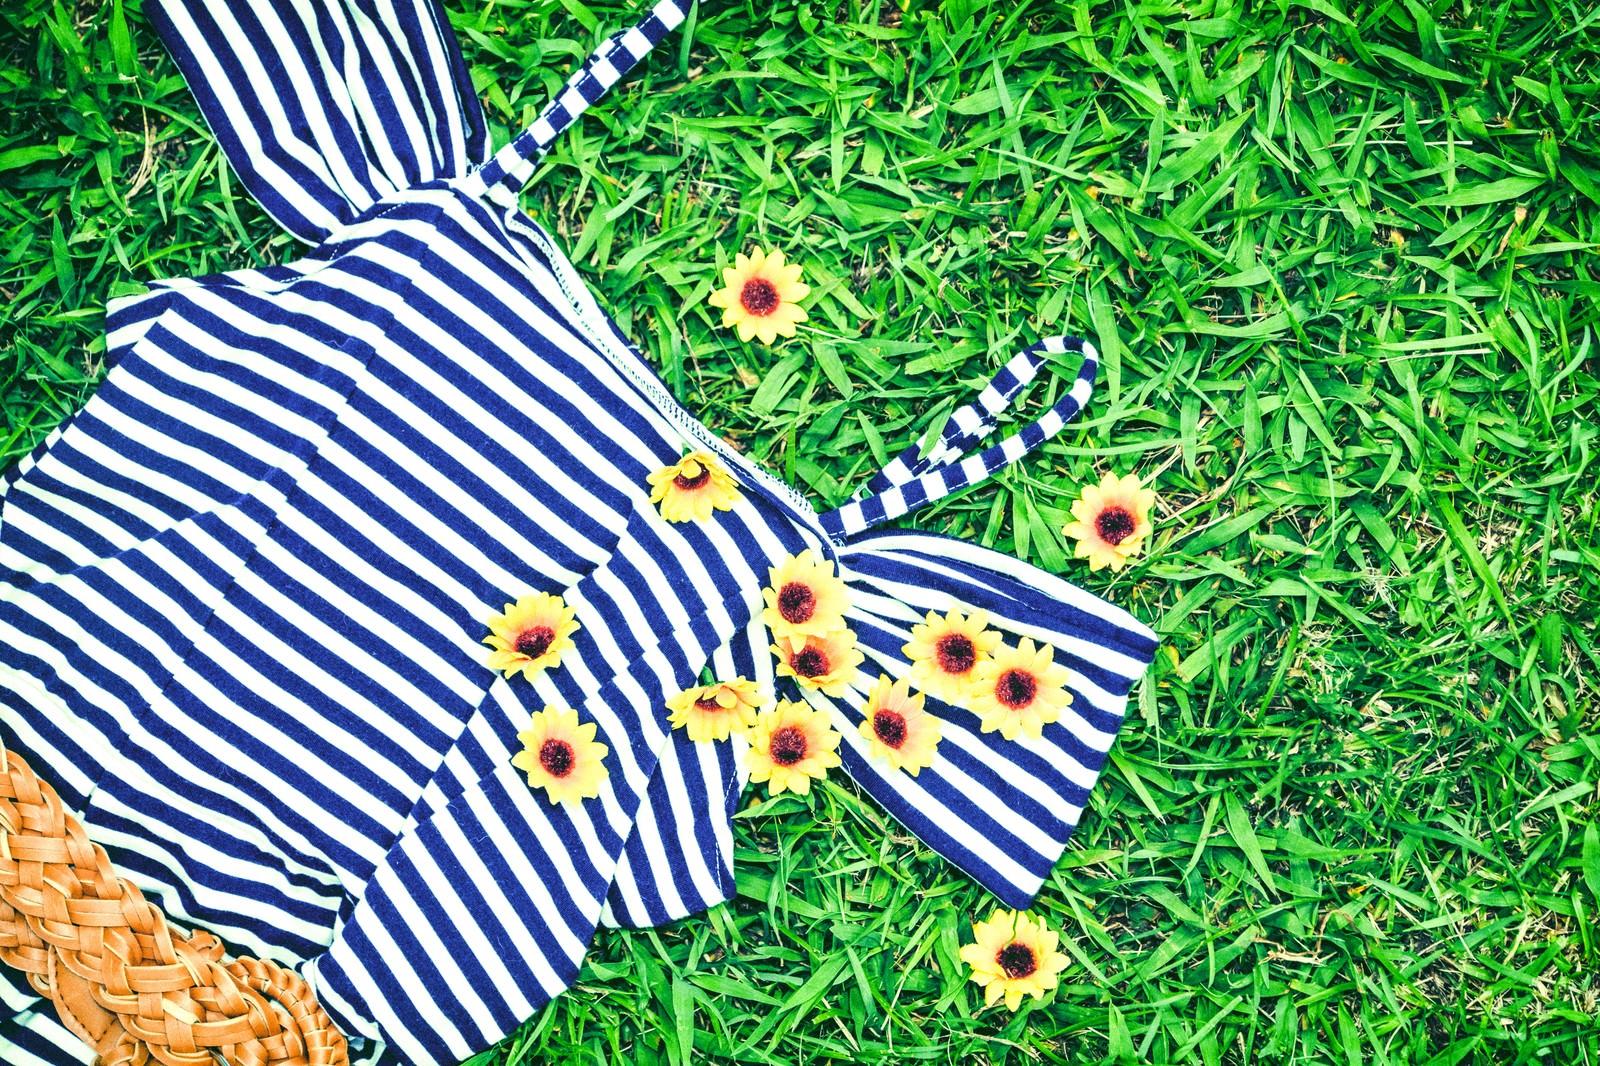 「夏服とお花のブローチ」の写真